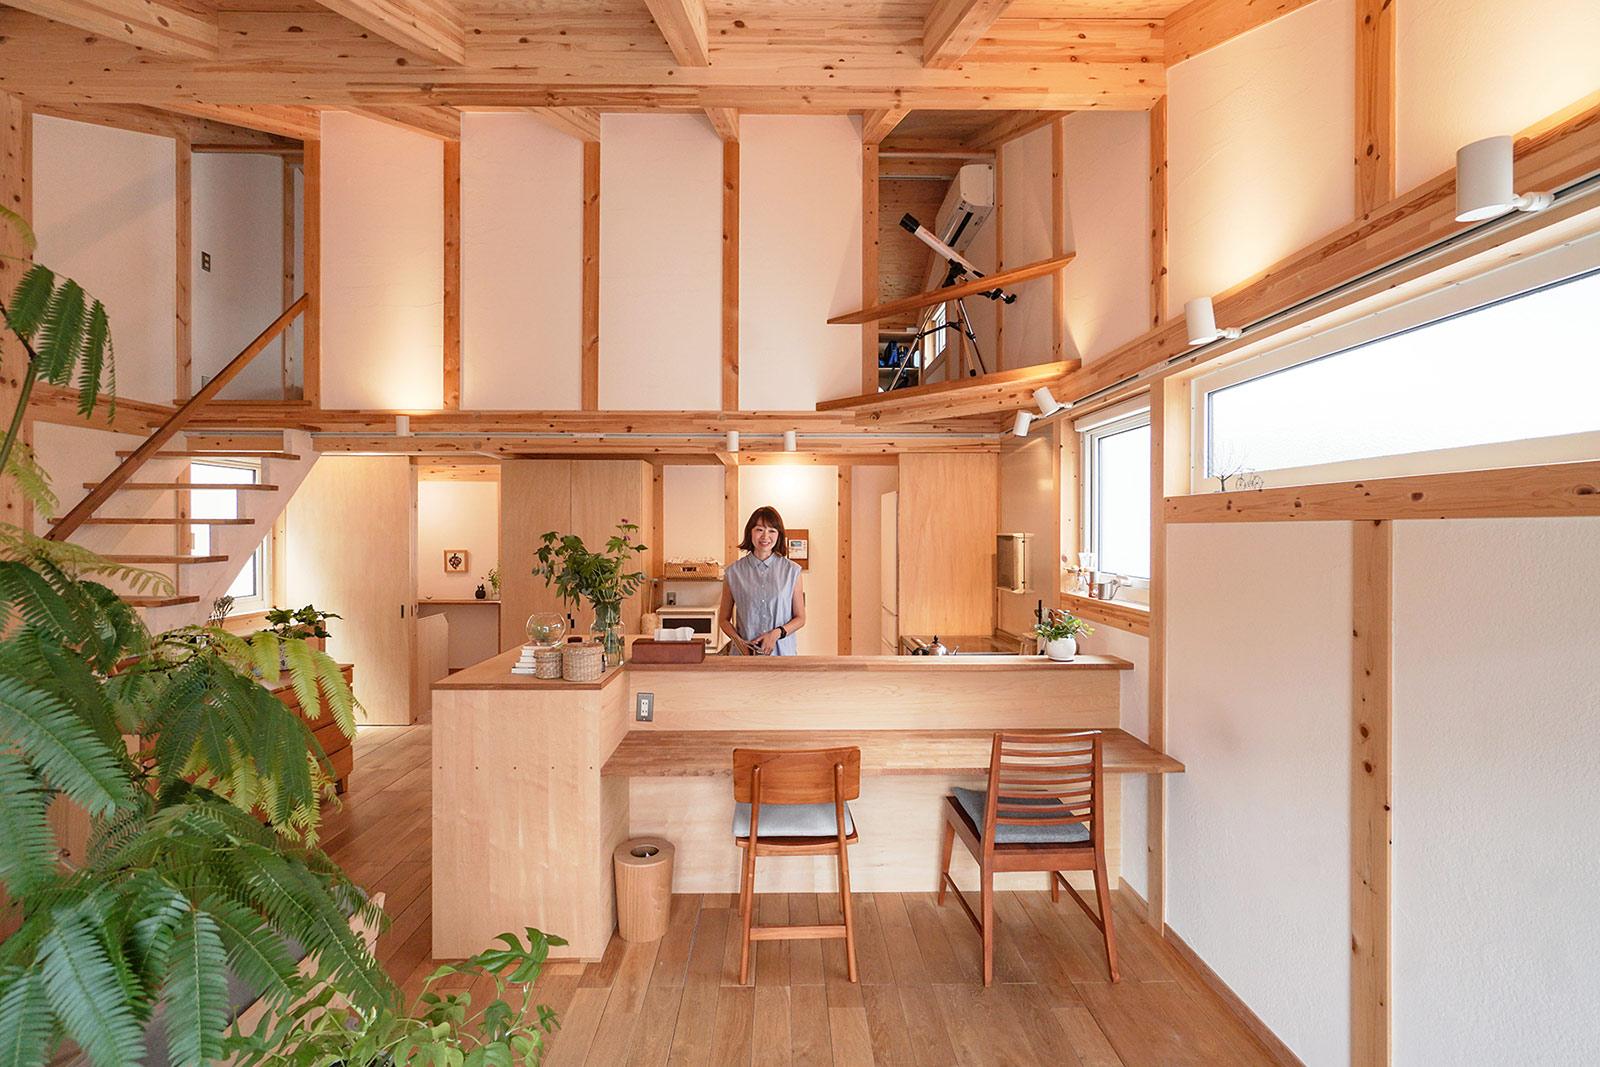 アクセサリー作家のアトリエのある木の家 / 吹田市尺谷